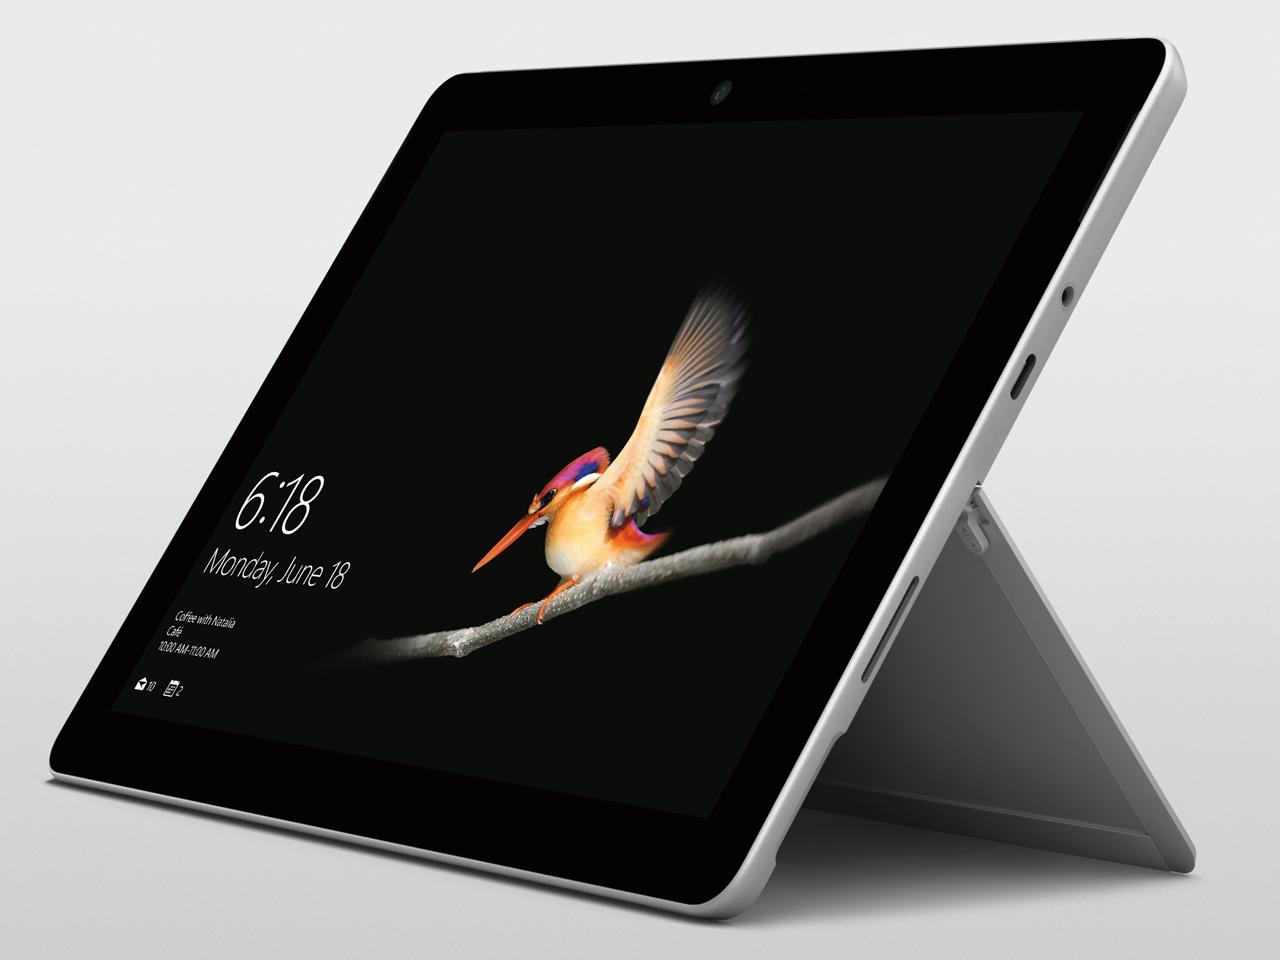 マイクロソフト キーボード別売 Surface Go Pentium Gold eMMC 64GB 4GB ペン非同梱モデル Windowsタブレット Office付き・10型 MHN-00014 シルバー